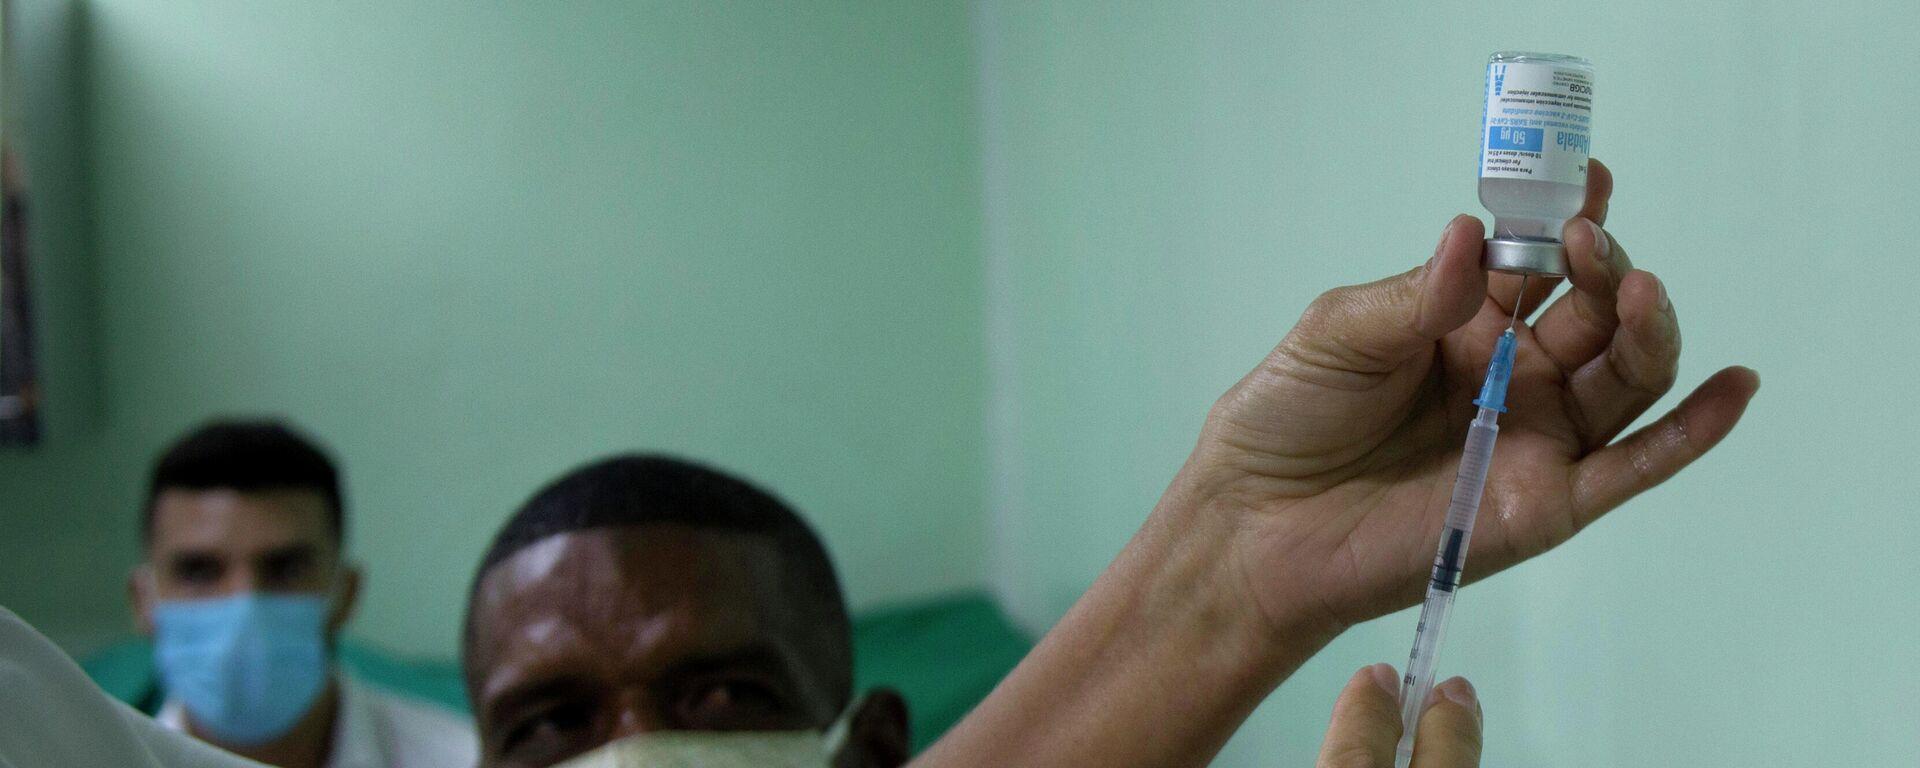 Vacuna cubana contra el coronavirus Abdala - Sputnik Mundo, 1920, 02.08.2021